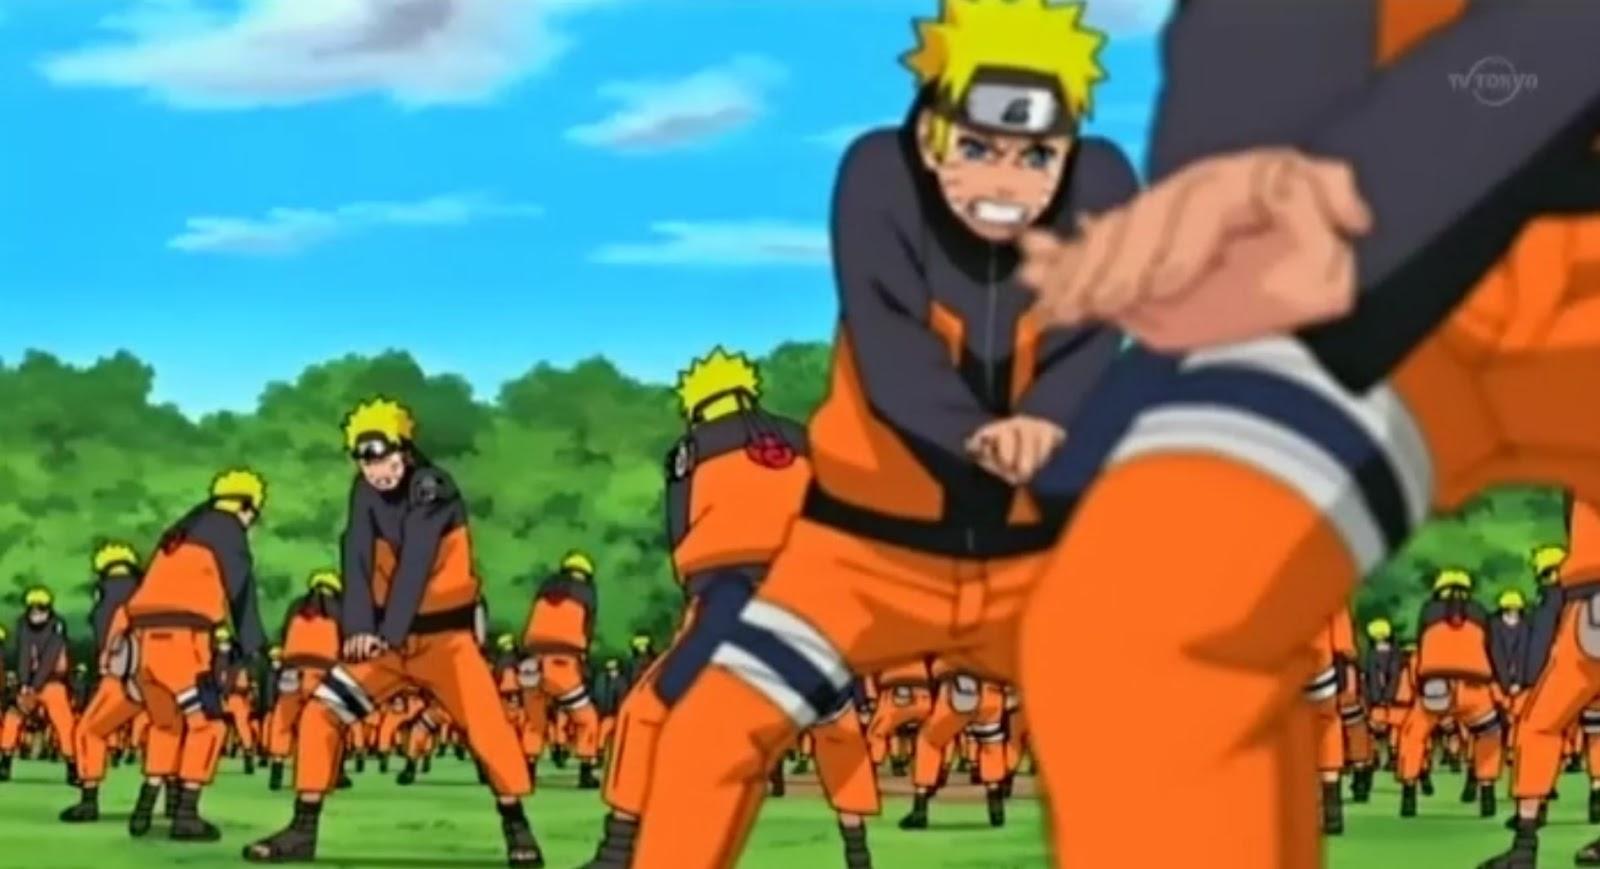 Naruto Shippuden Episódio 55, Assistir Naruto Shippuden Episódio 55, Assistir Naruto Shippuden Todos os Episódios Legendado, Naruto Shippuden episódio 55,HD